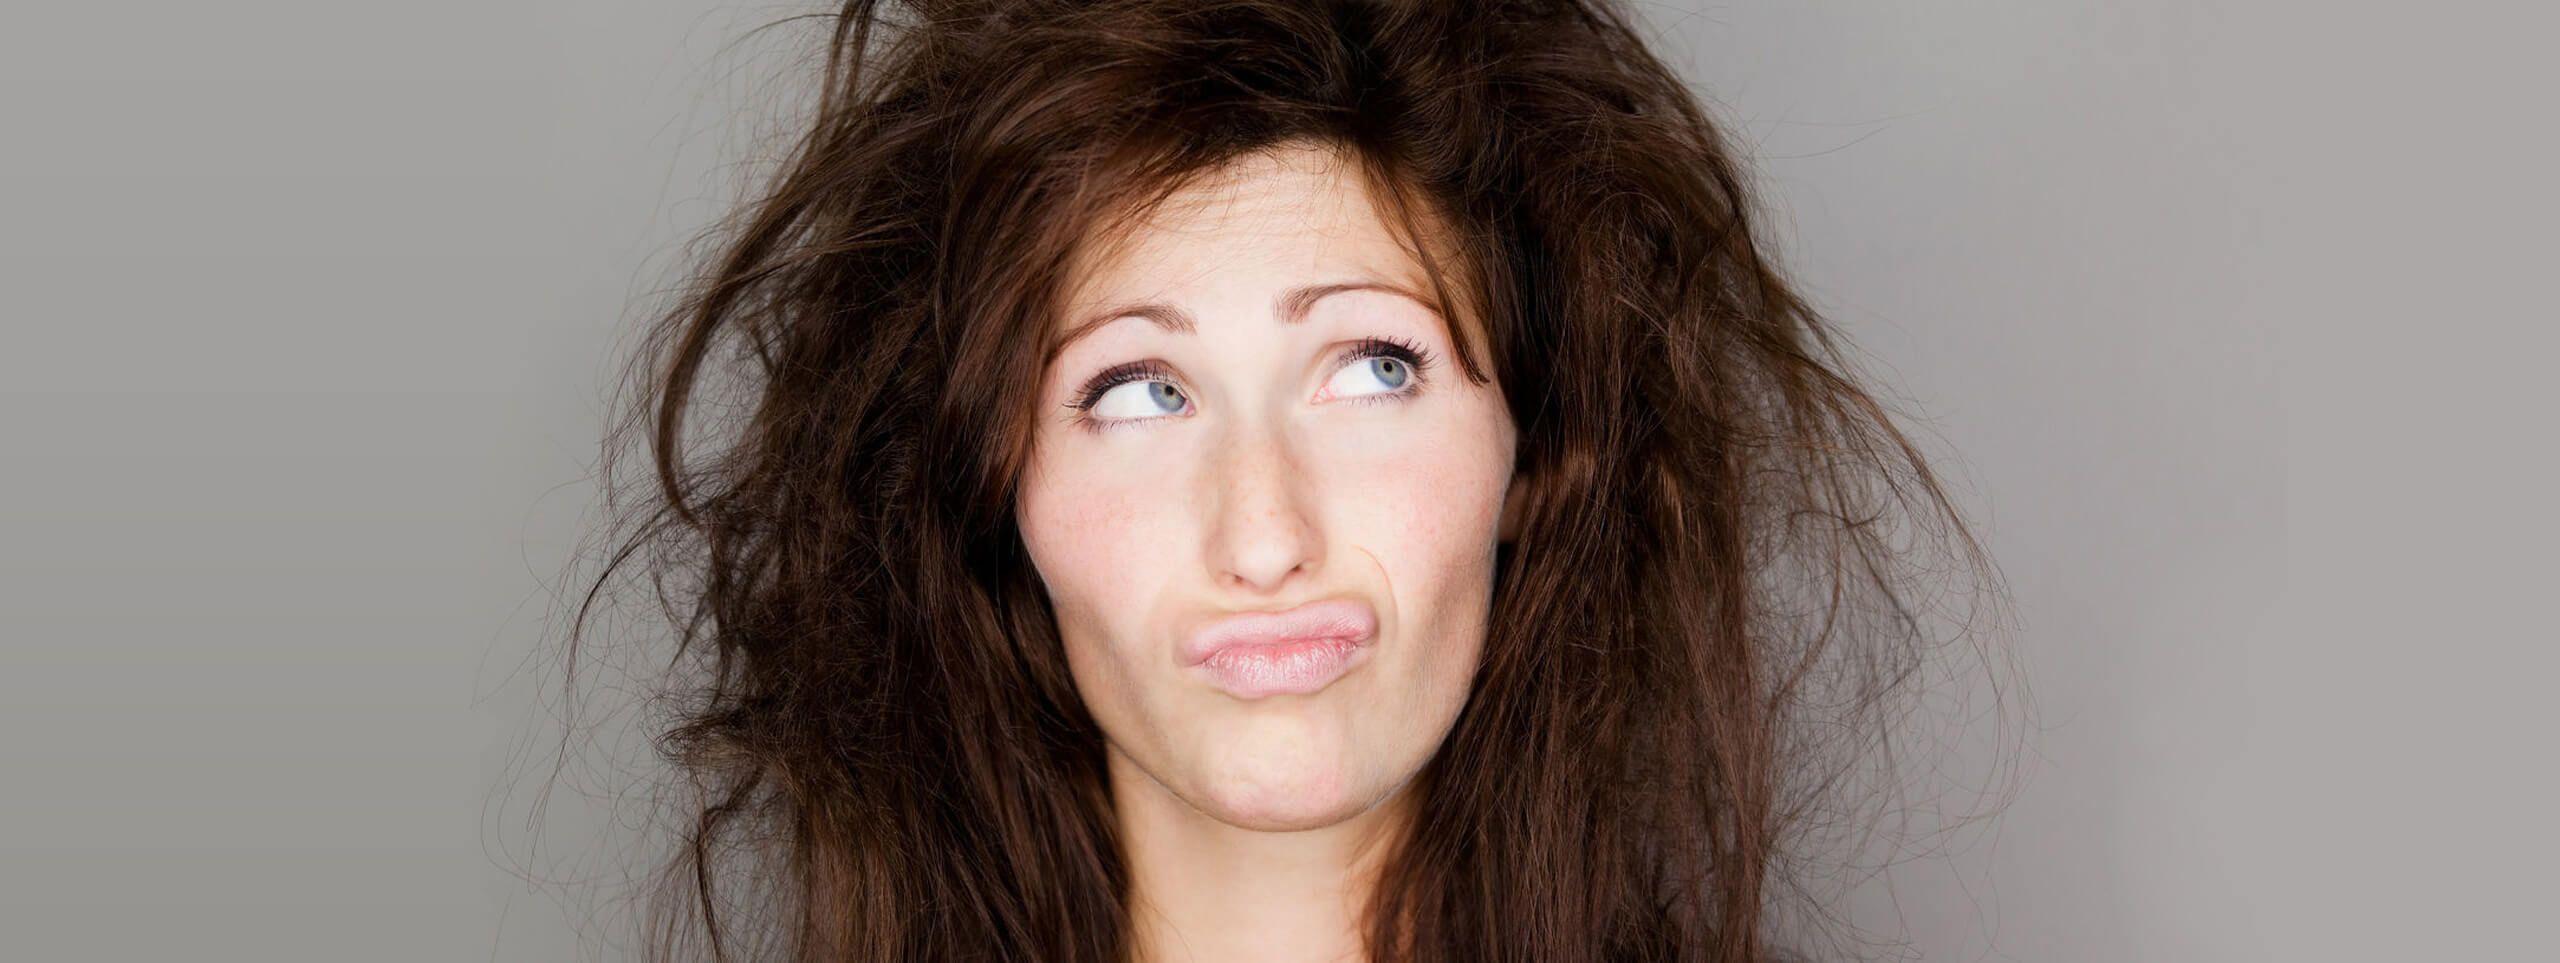 Maschera per capelli crespi: donna con capelli crespi e indisciplinati